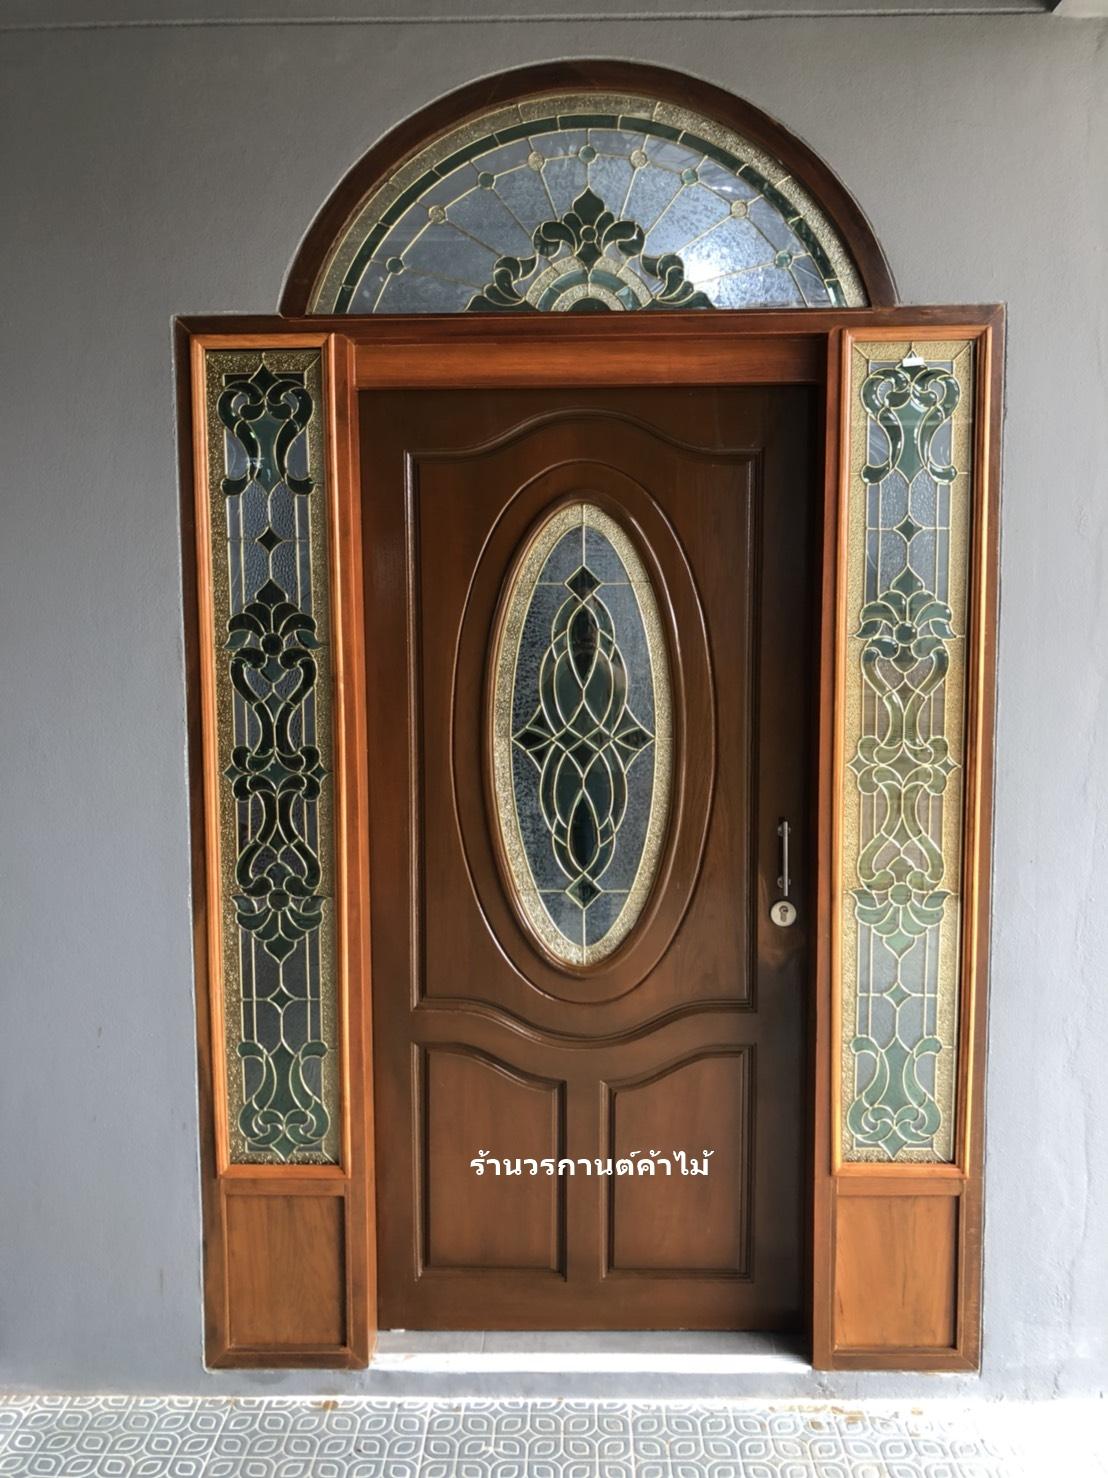 ประตูไม้สักกระจกนิรภัย ชุด4ชิ้น รหัสAAA111